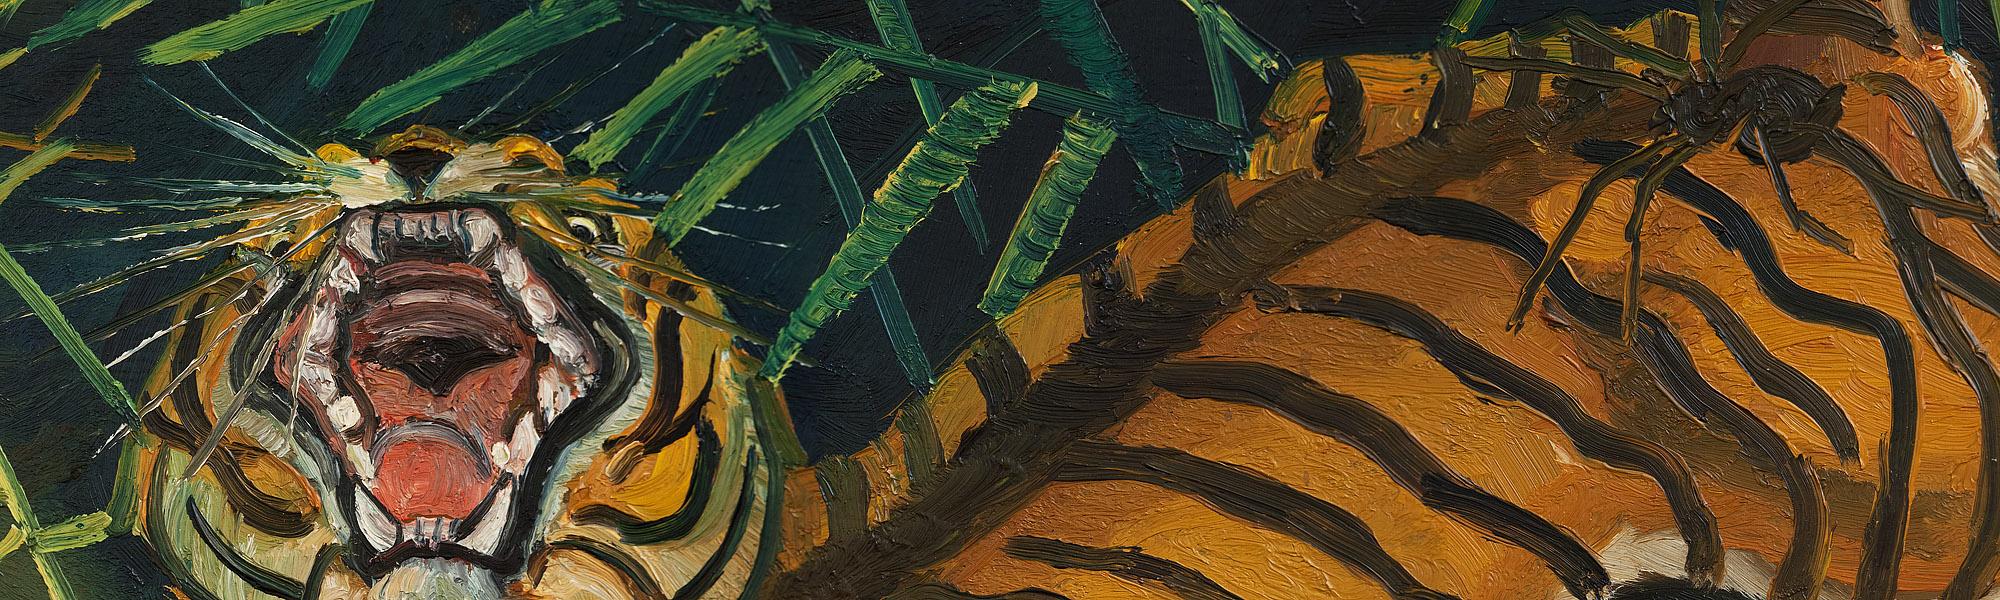 Ligabue - Tigre e ragno